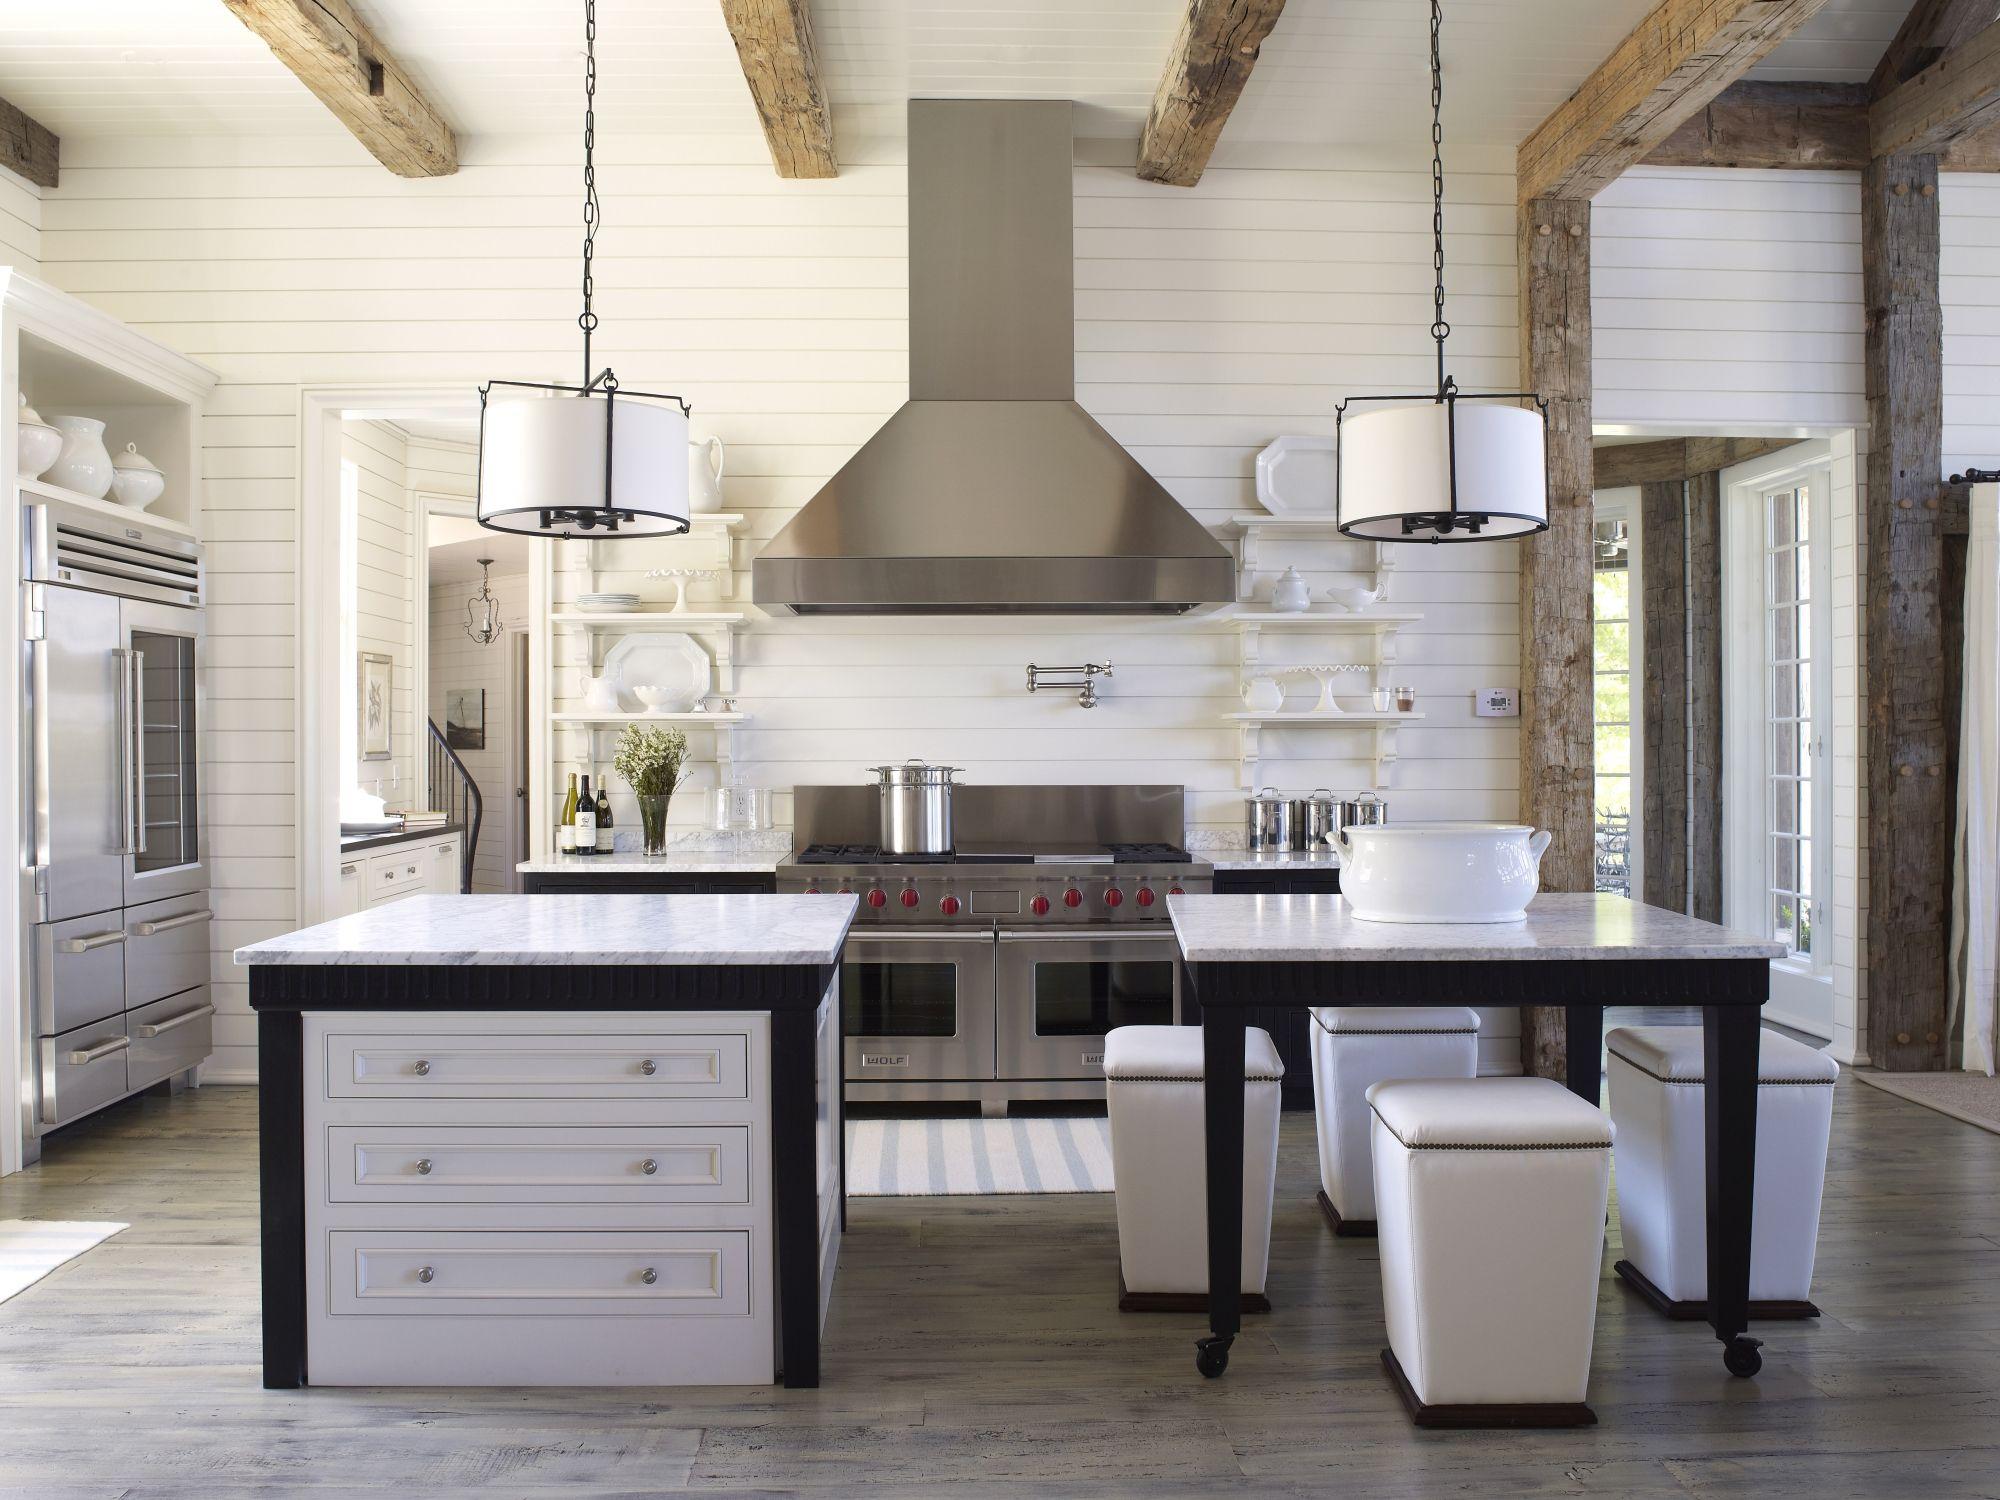 Küchendesign 2018 einfach beautiful u open  for my future home  pinterest  haus palette